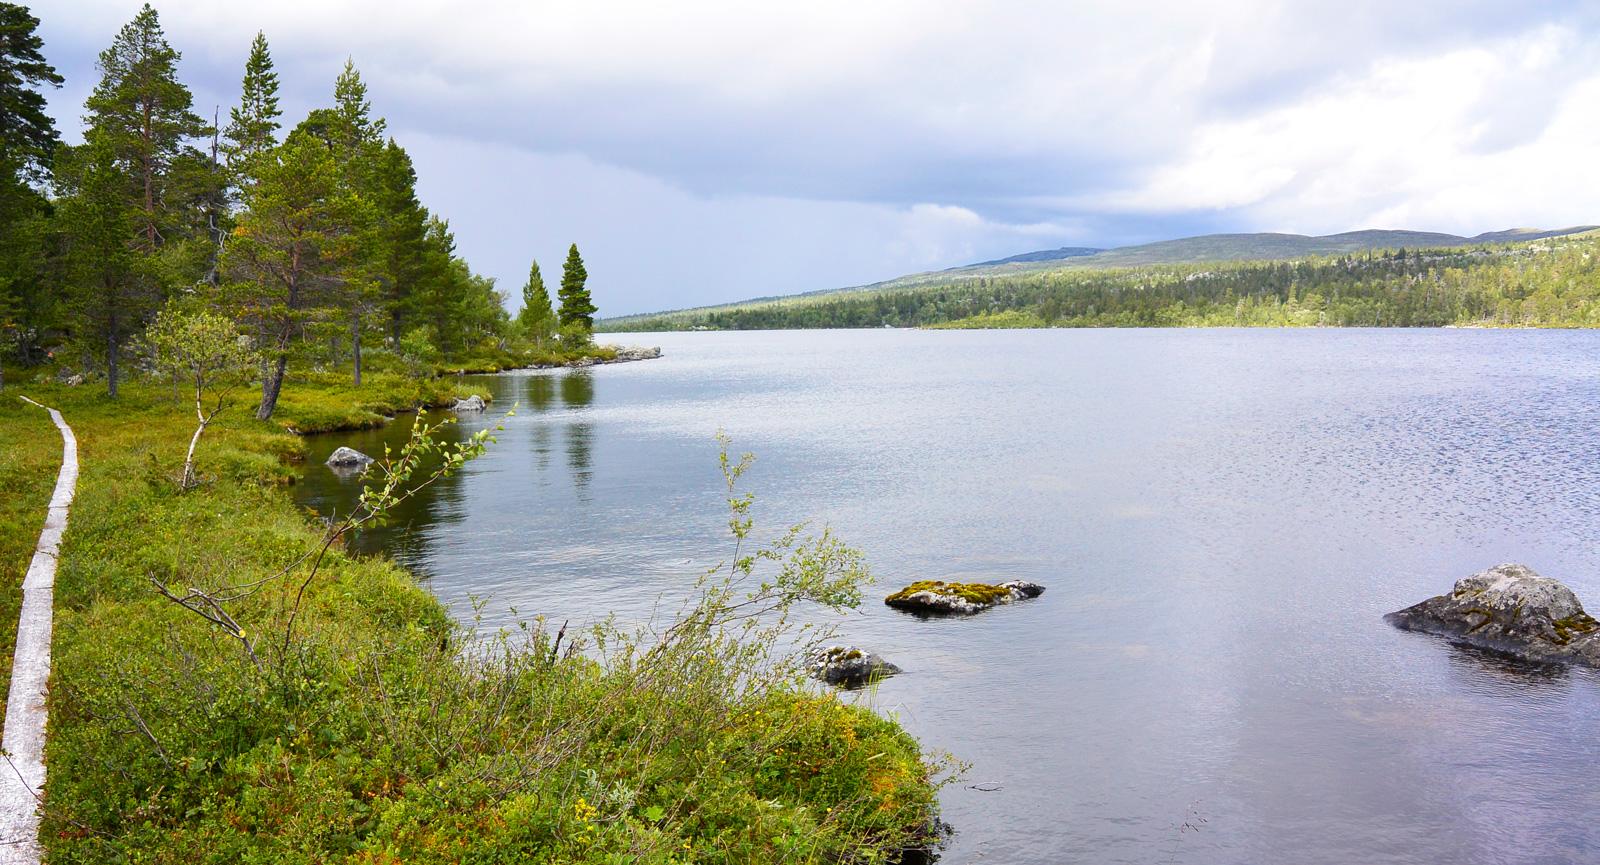 Många små och större sjöar ligger invid vandringslederna kring Grövelsjön.